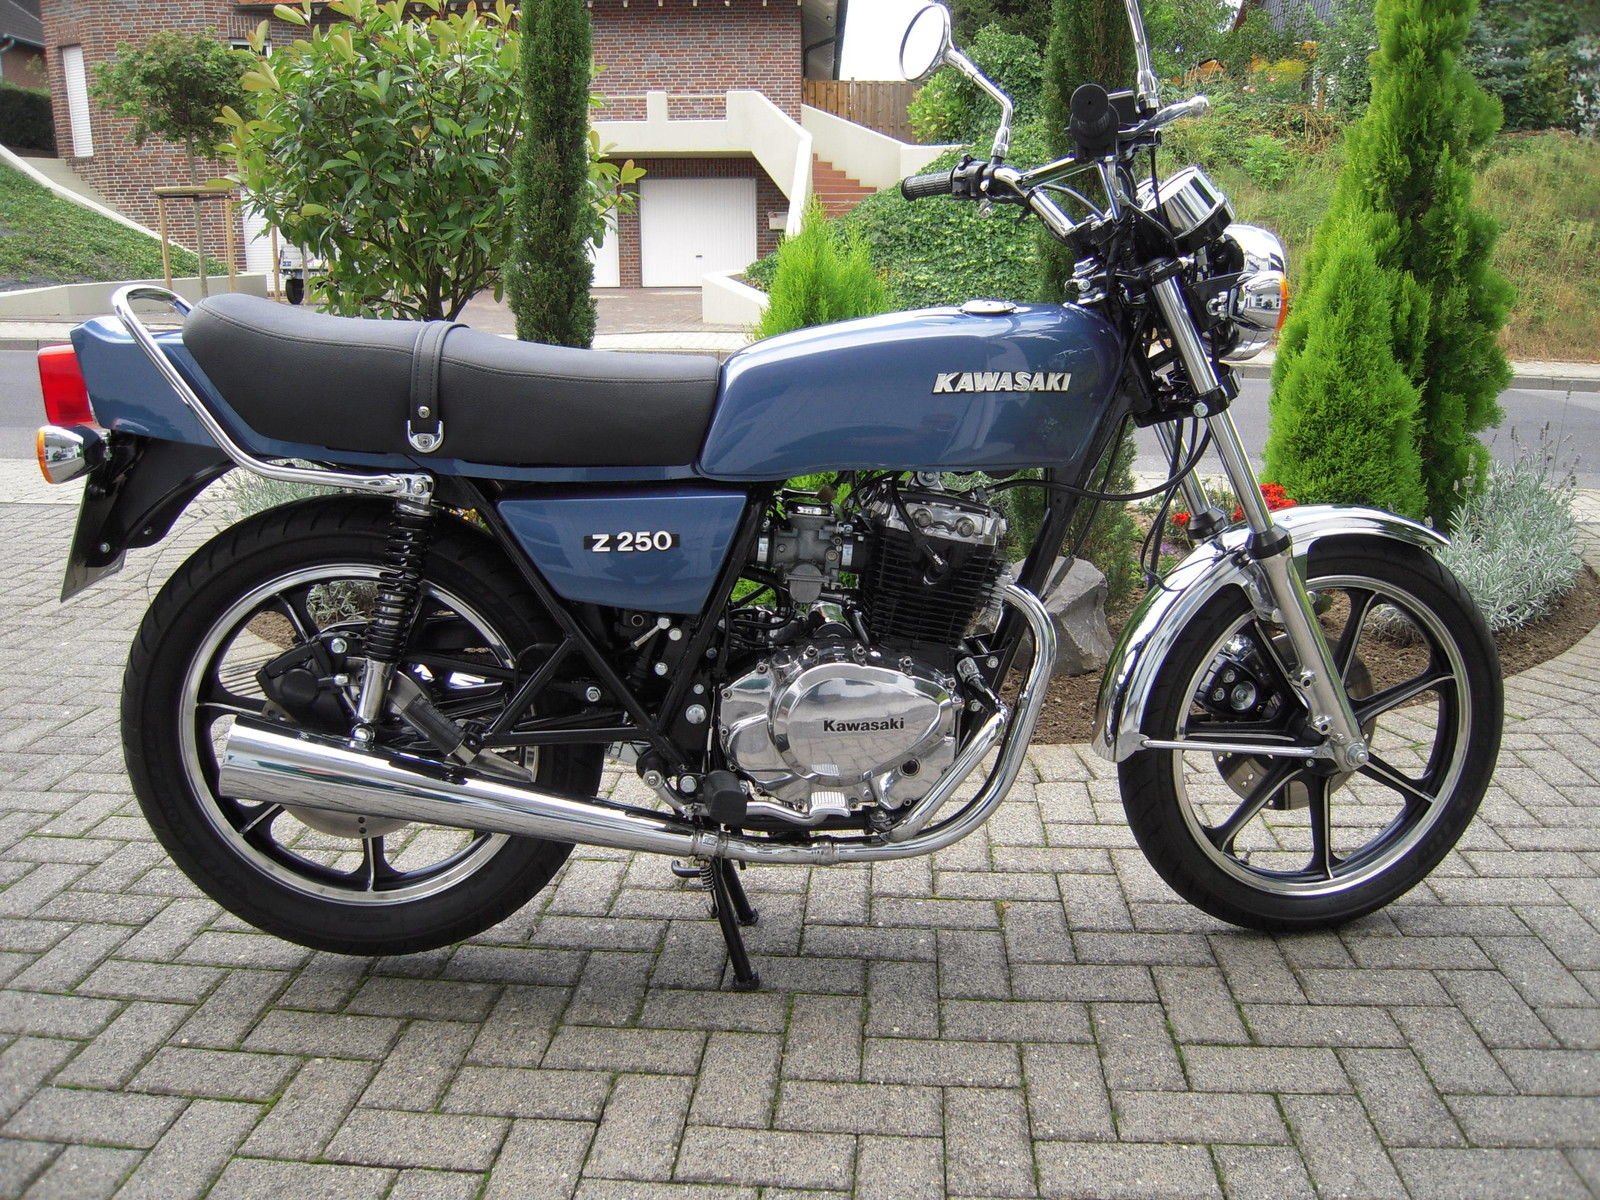 Restored Kawasaki Z250 1980 Photographs At Classic Bikes Restored Bikes Restored